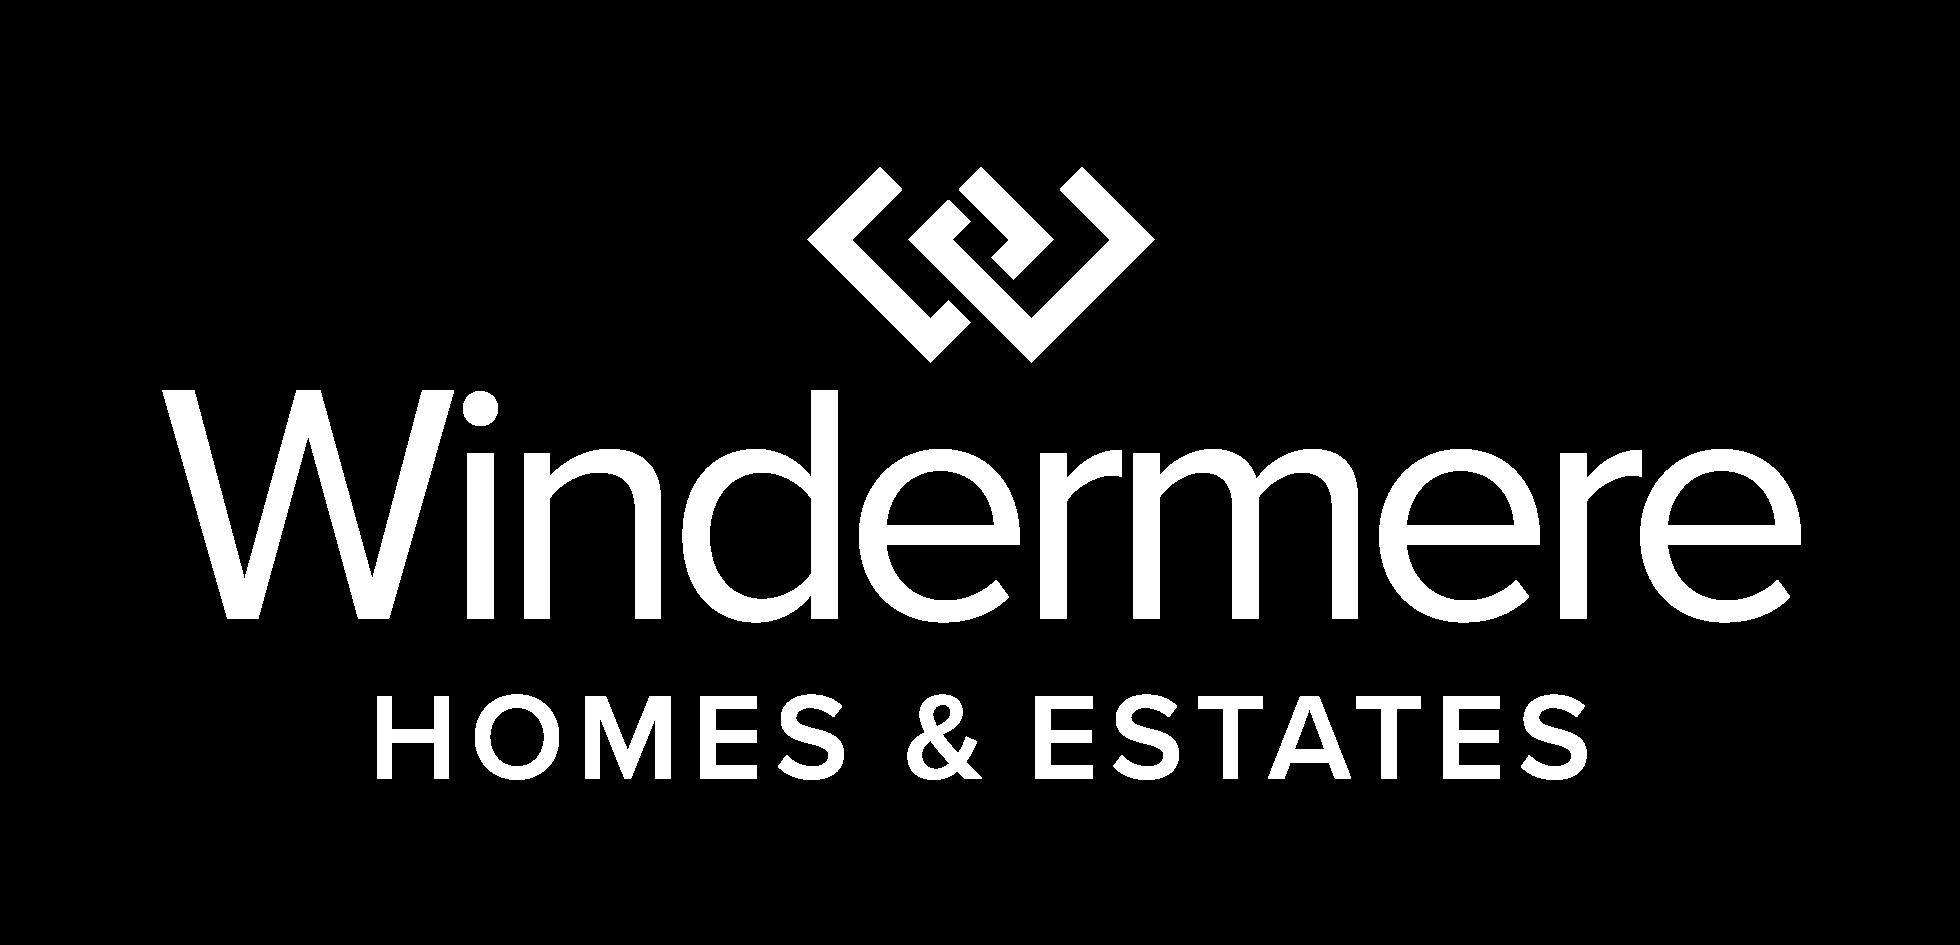 WRE_Homes&Estates_logo_REV